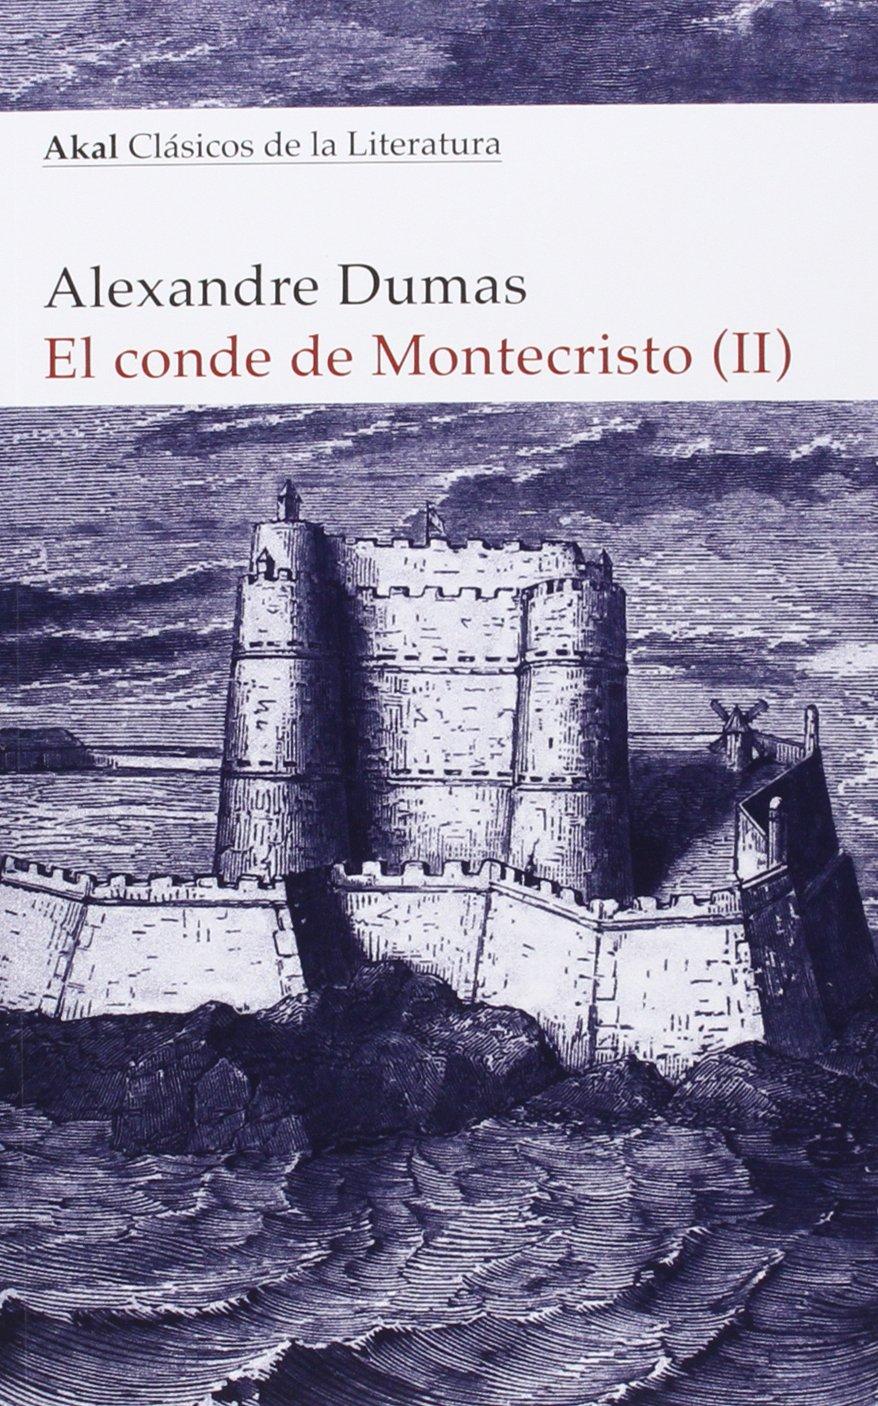 El conde de montecristo 2 vols akal cl sicos de la literatura amazon es alexandre dumas m pilar ruiz ortega libros